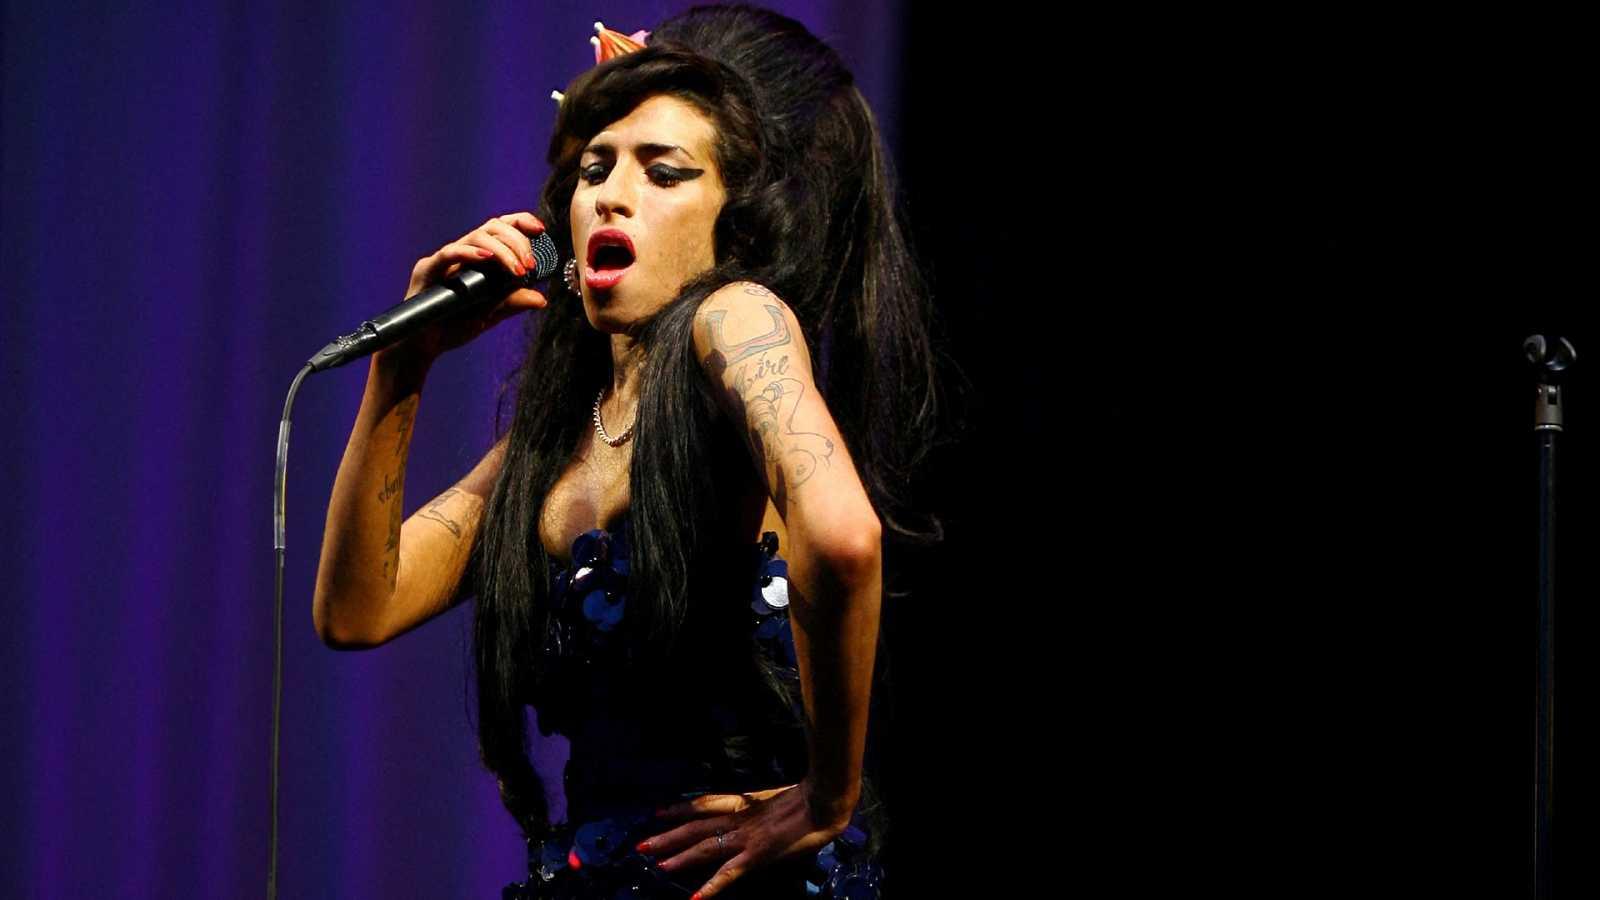 Dos nuevos documentales recordarán a Amy Winehouse cuando se cumplen diez años de su muerte